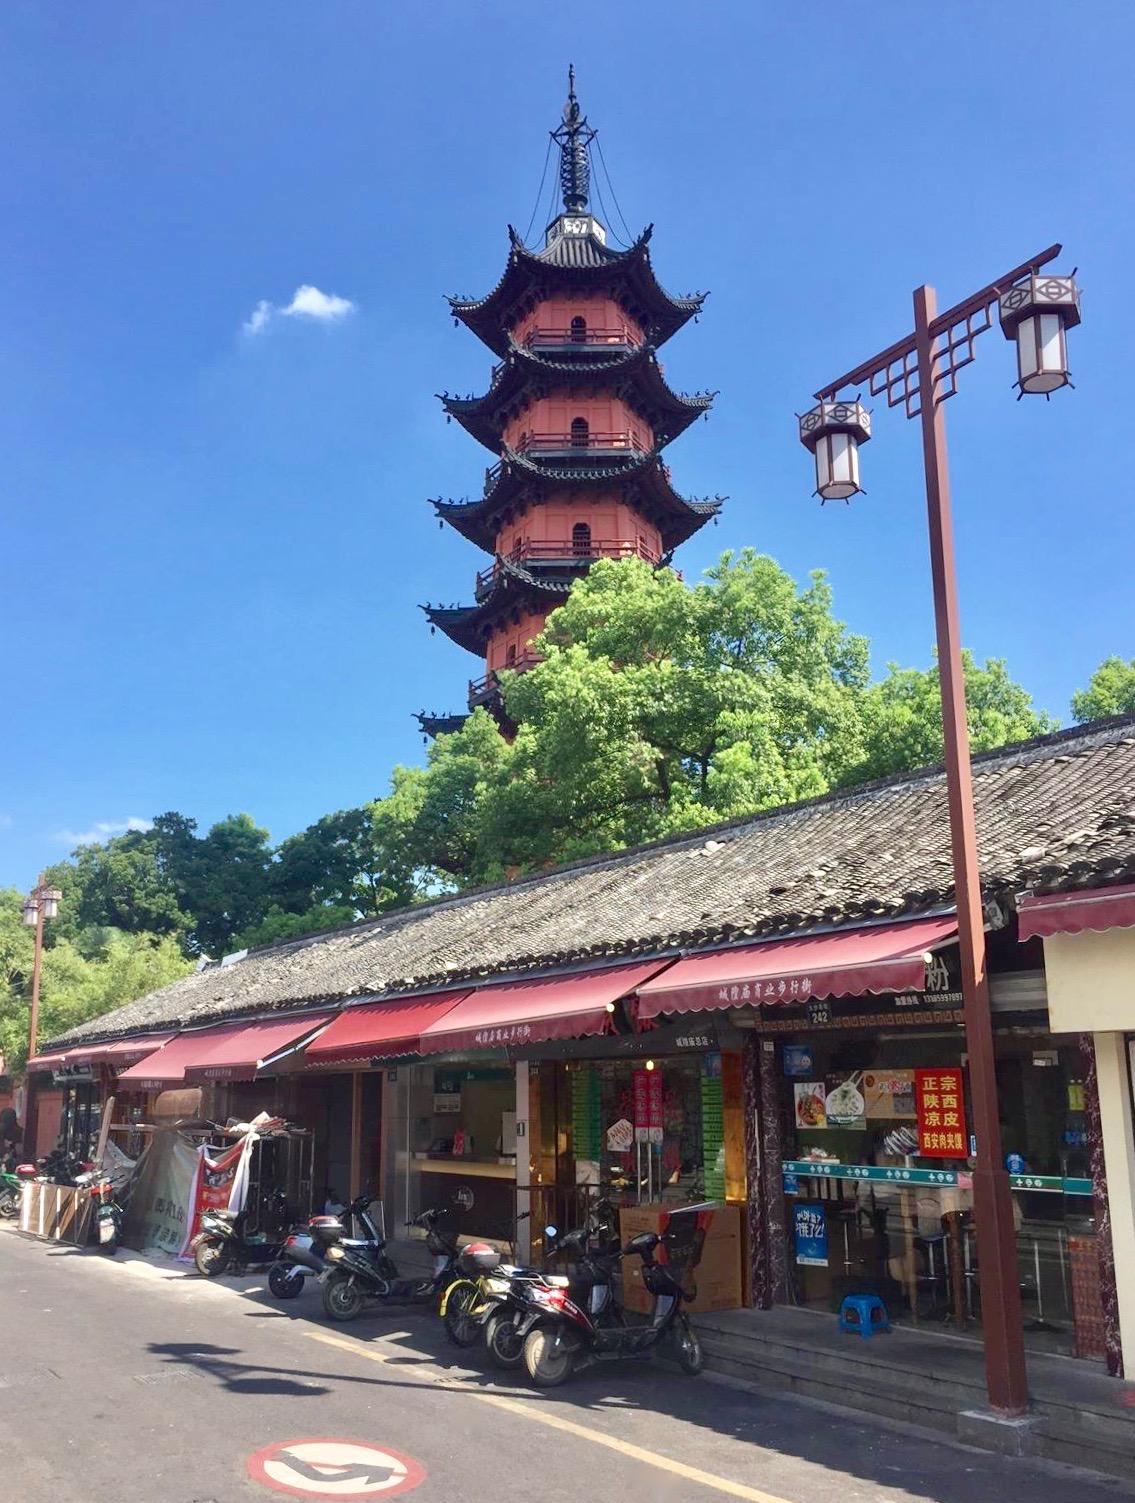 Visit Tianfeng Pagoda Ningbo China.